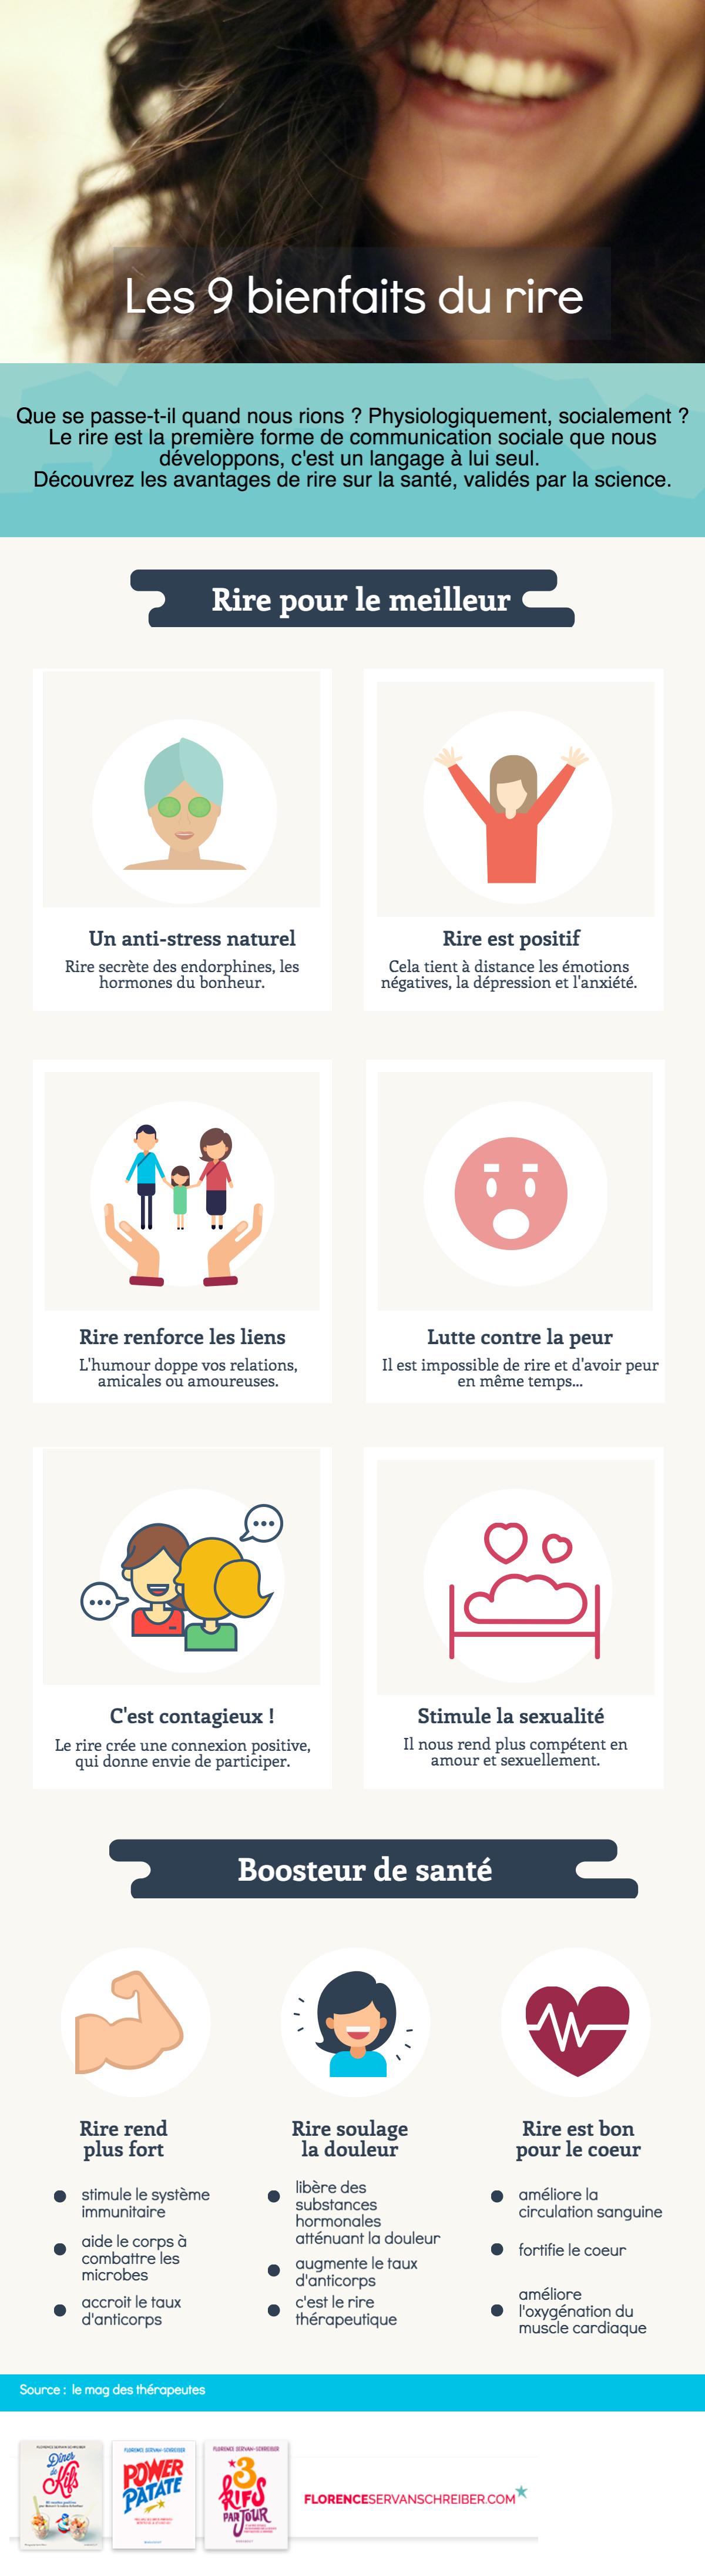 Infographie les 9 bienfaits du rire